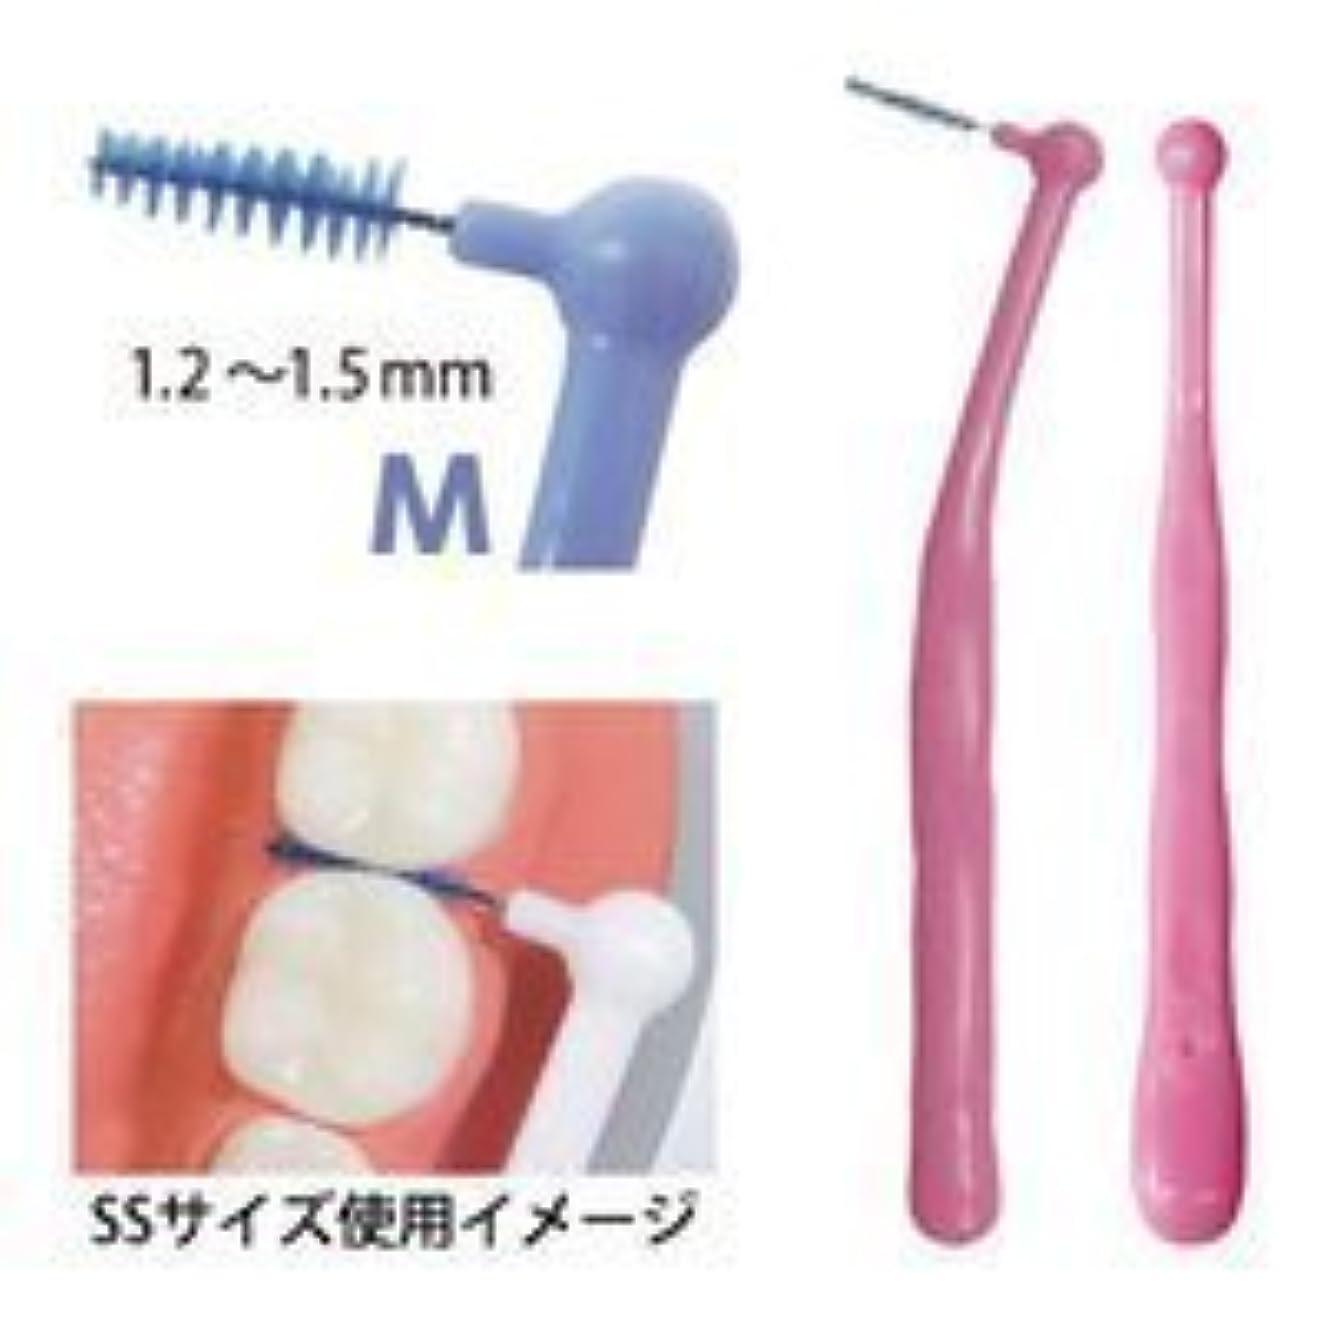 法王カーフスカリーCi PRO L字型歯間ブラシ / M(ブルー) / 100本入りパック